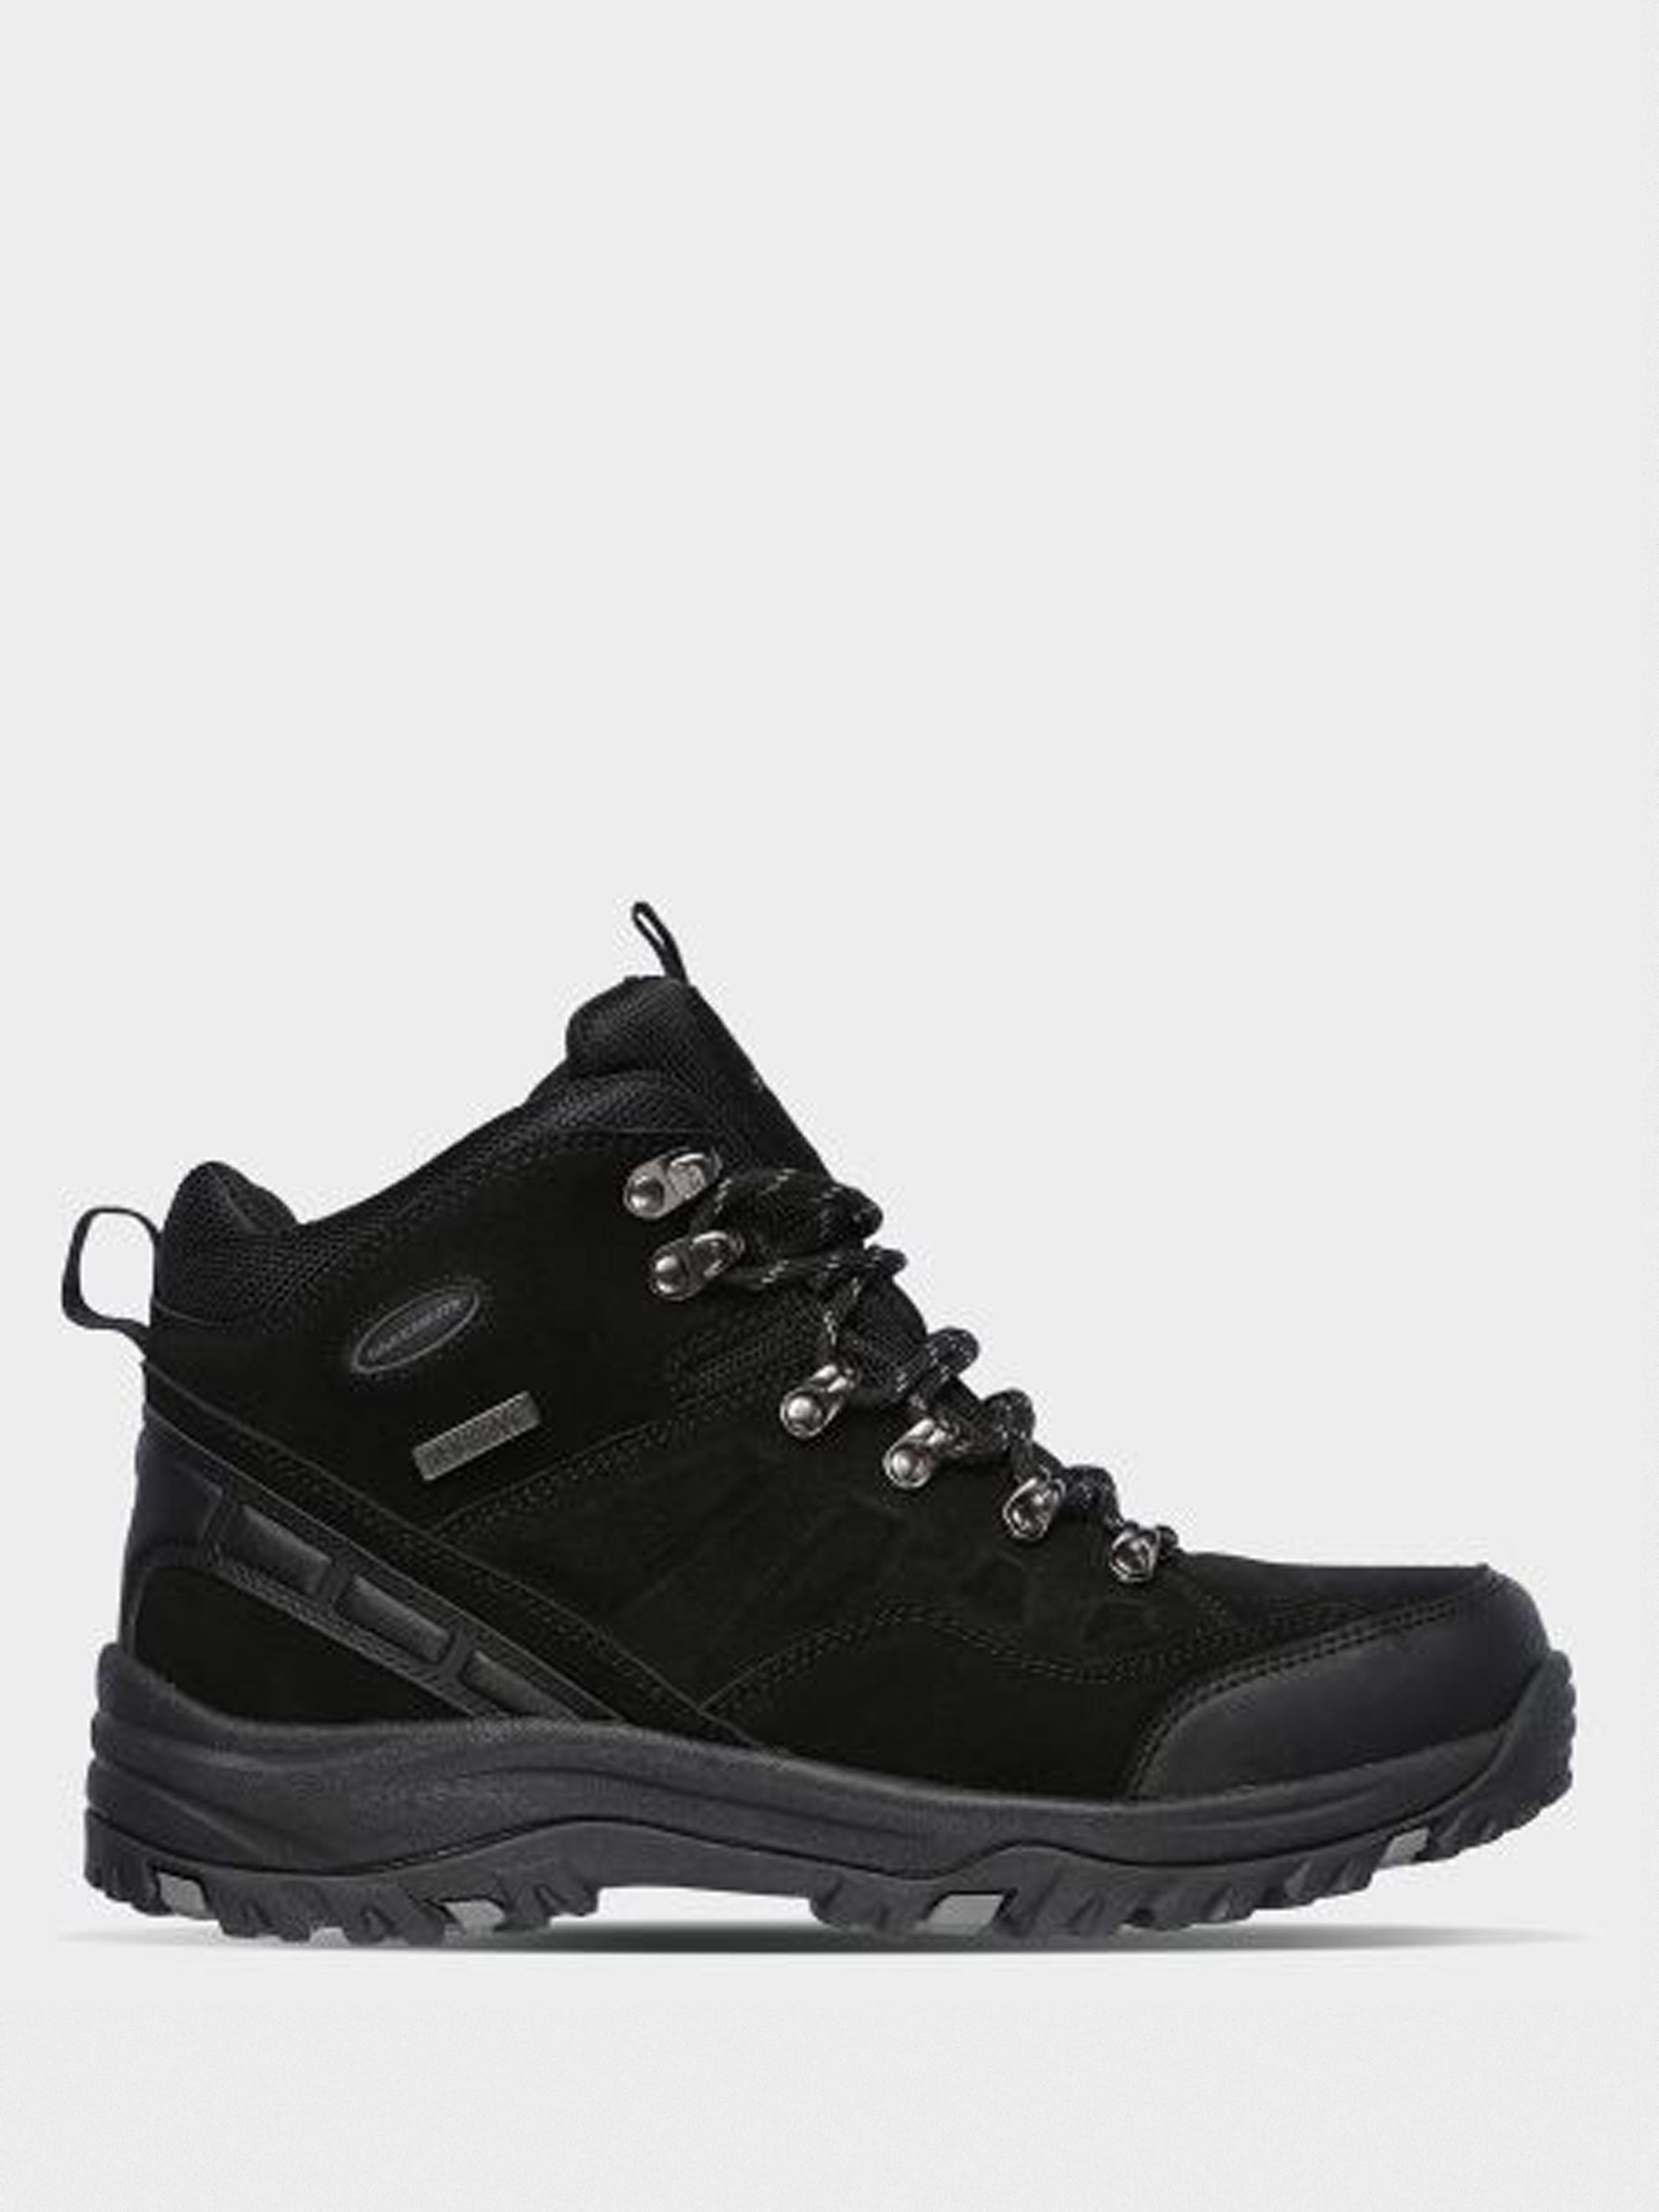 Купить Ботинки мужские Skechers KM3319, Черный